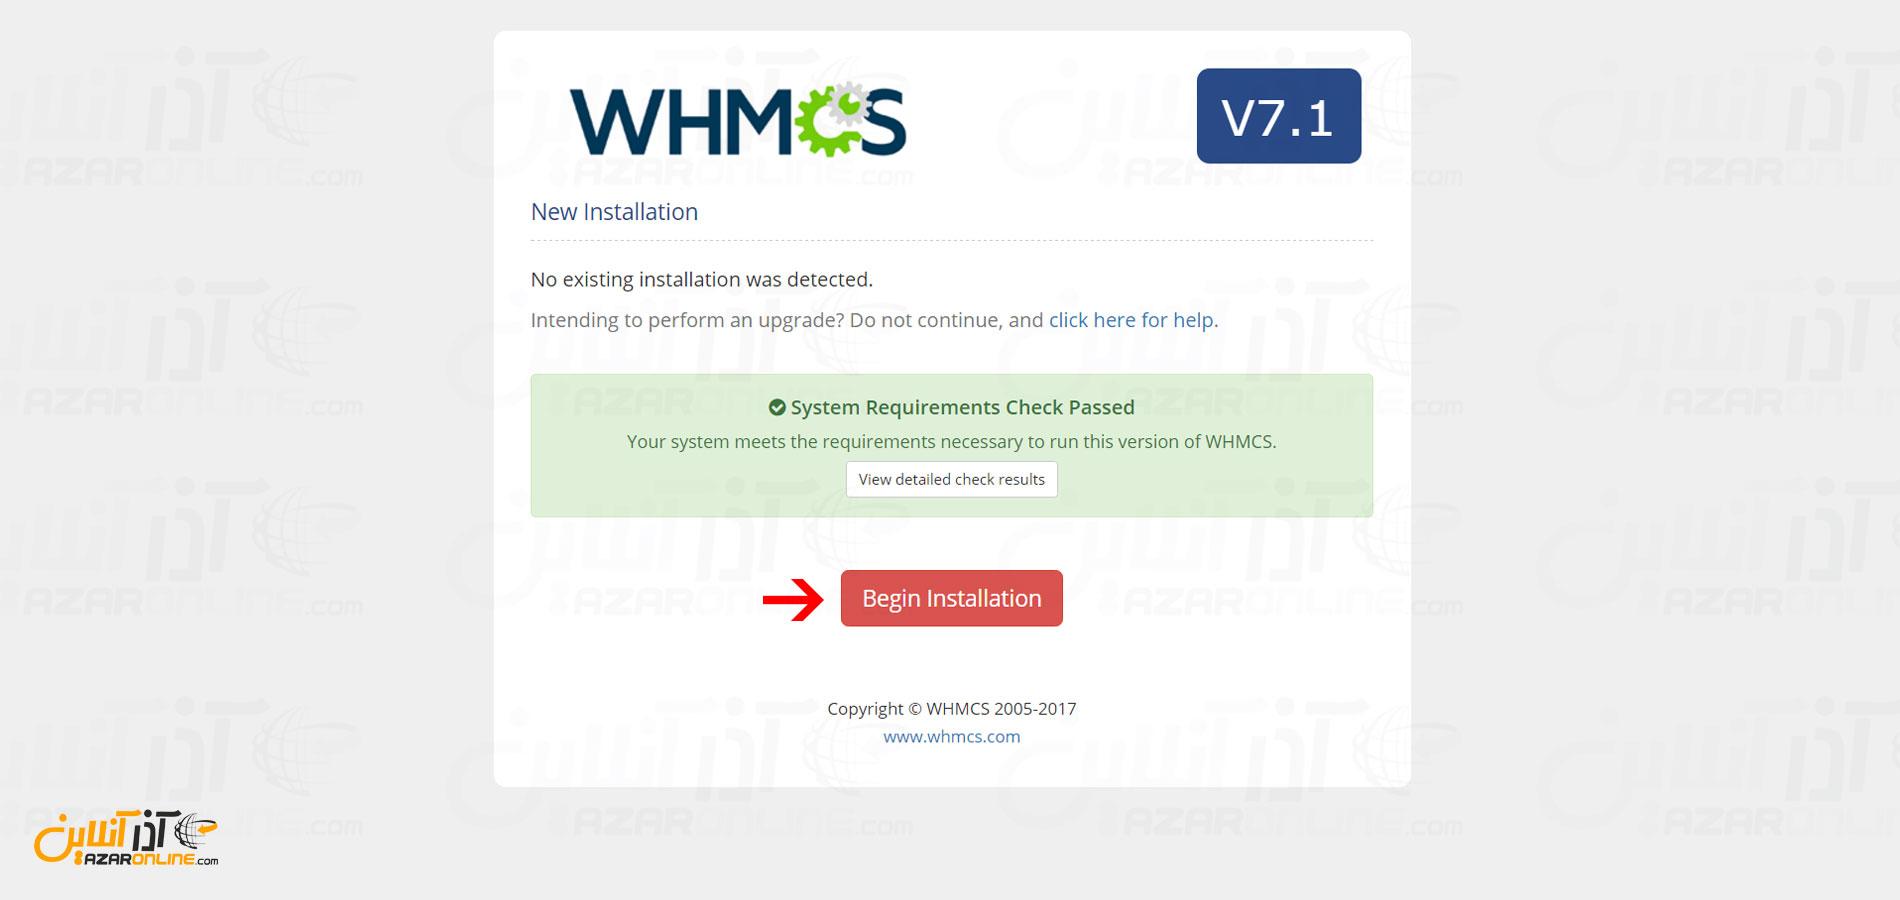 آموزش نصب whmcs - چک کردن پیش نیاز نصب